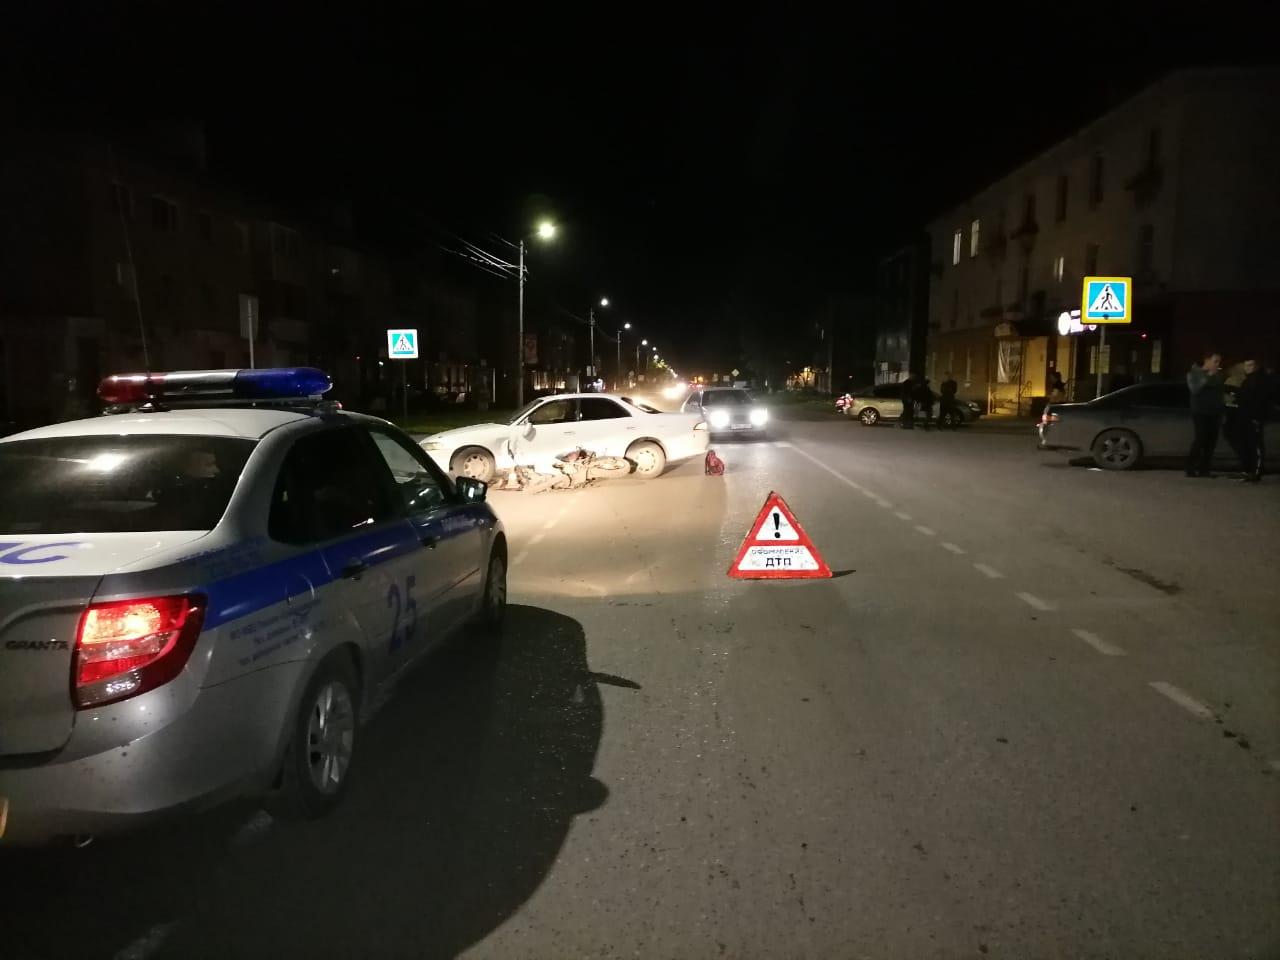 12 ДТП произошло в Куйбышевском районе с 08 по 14 сентября